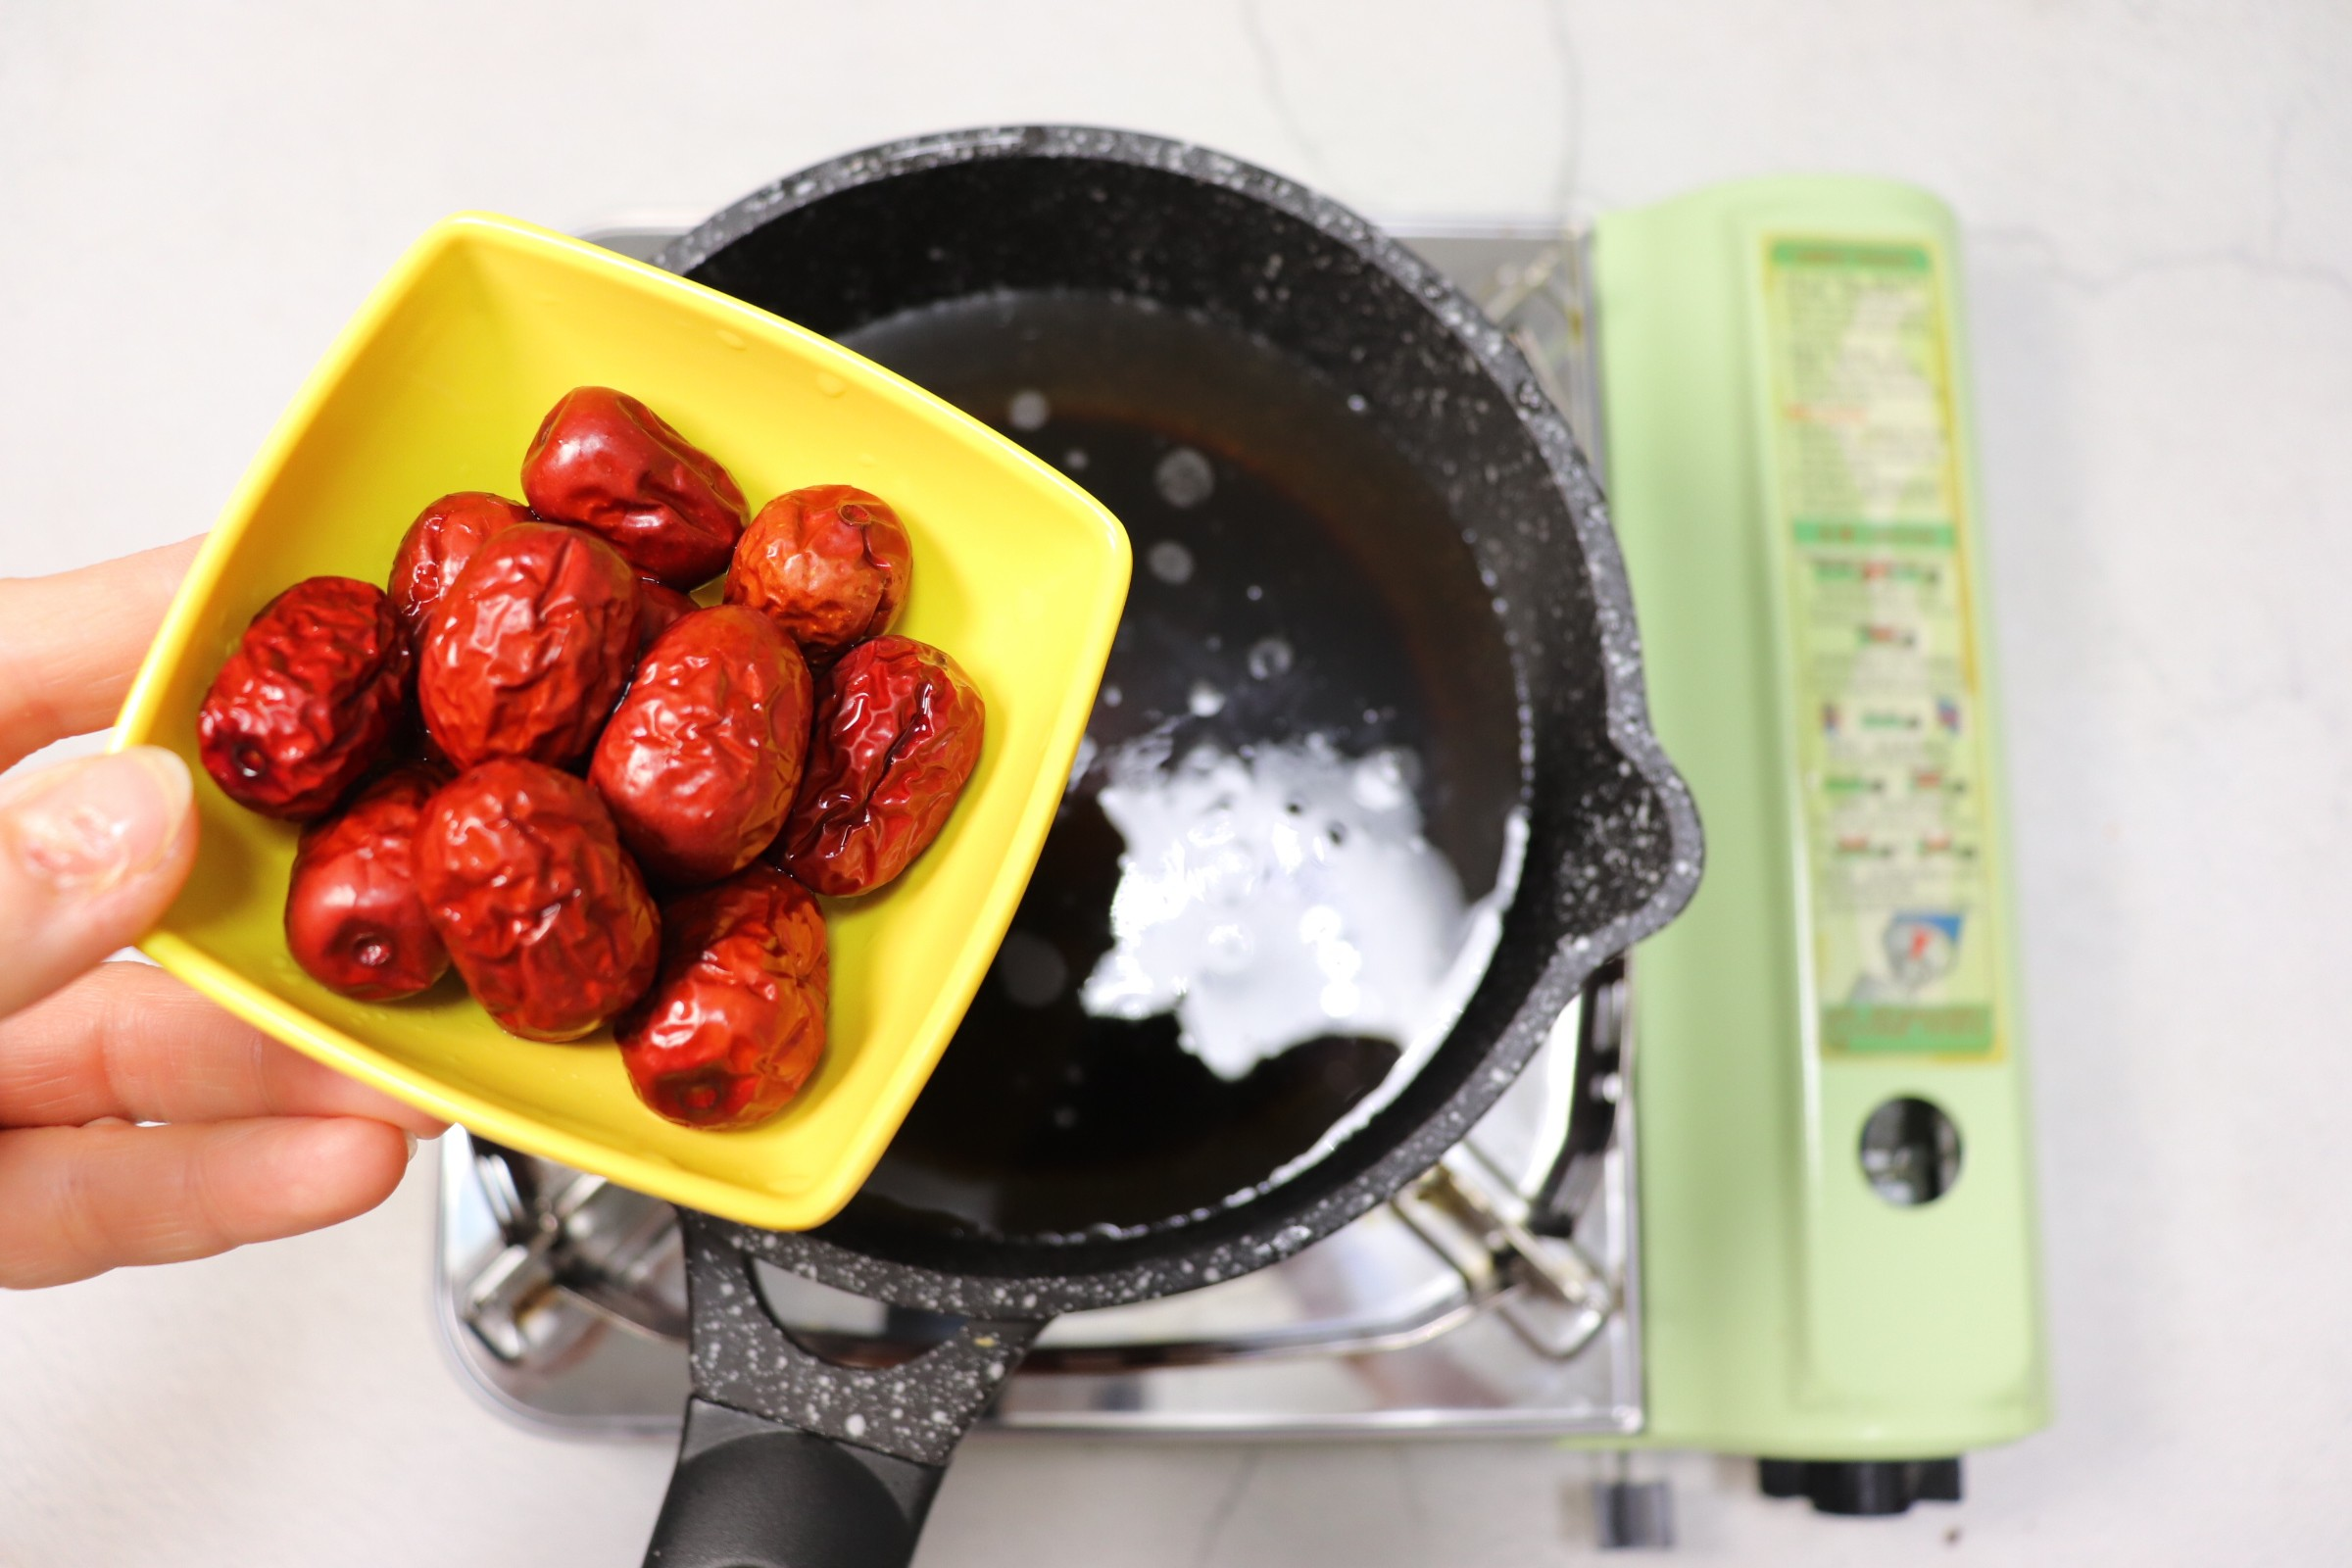 冬日暖身饮品~红糖姜枣煮蛋怎么吃